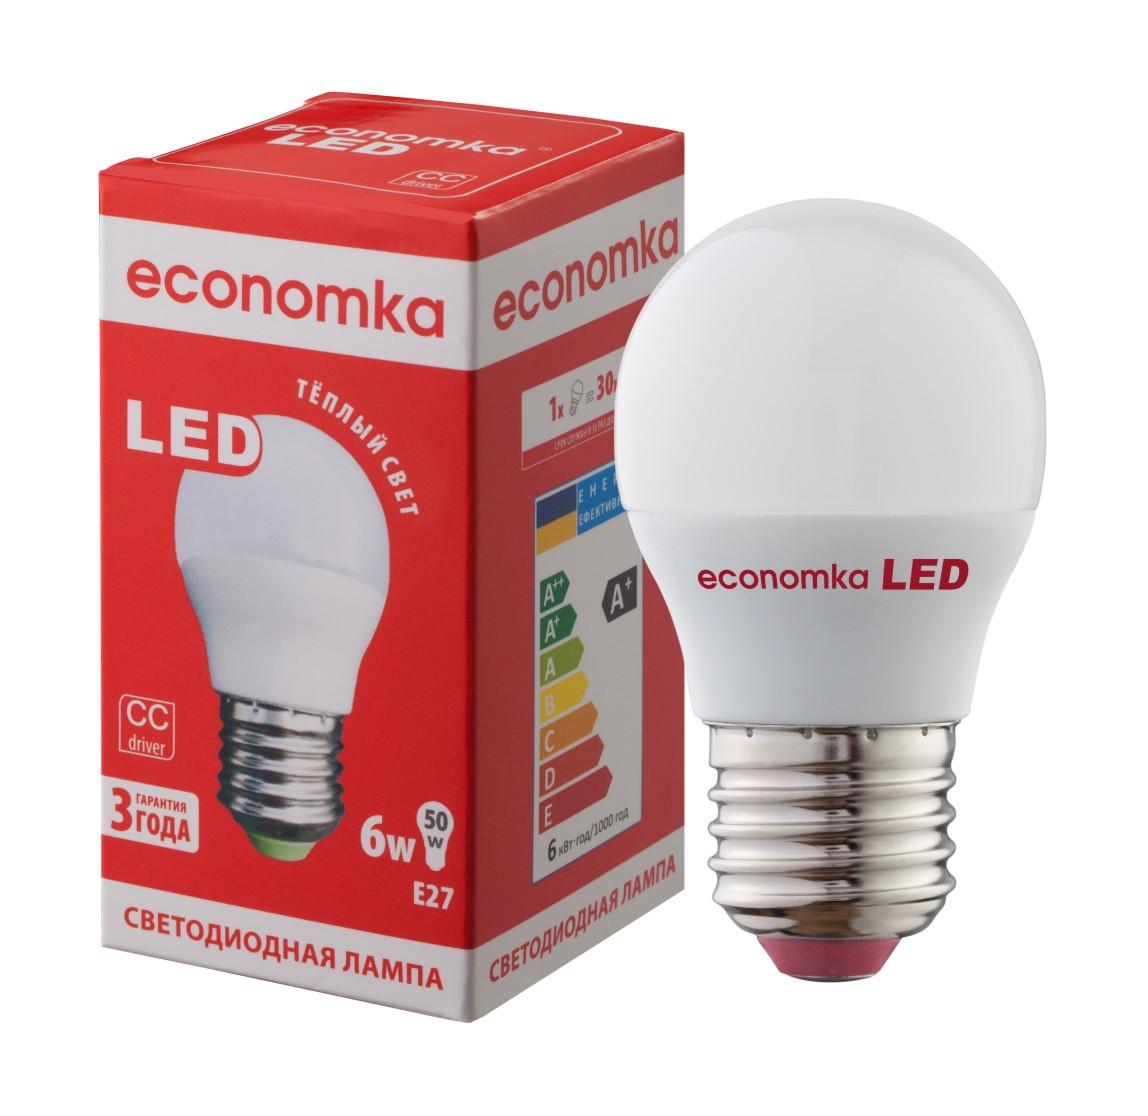 Светодиодная лампа Economka LED G45 6W E27-2800К